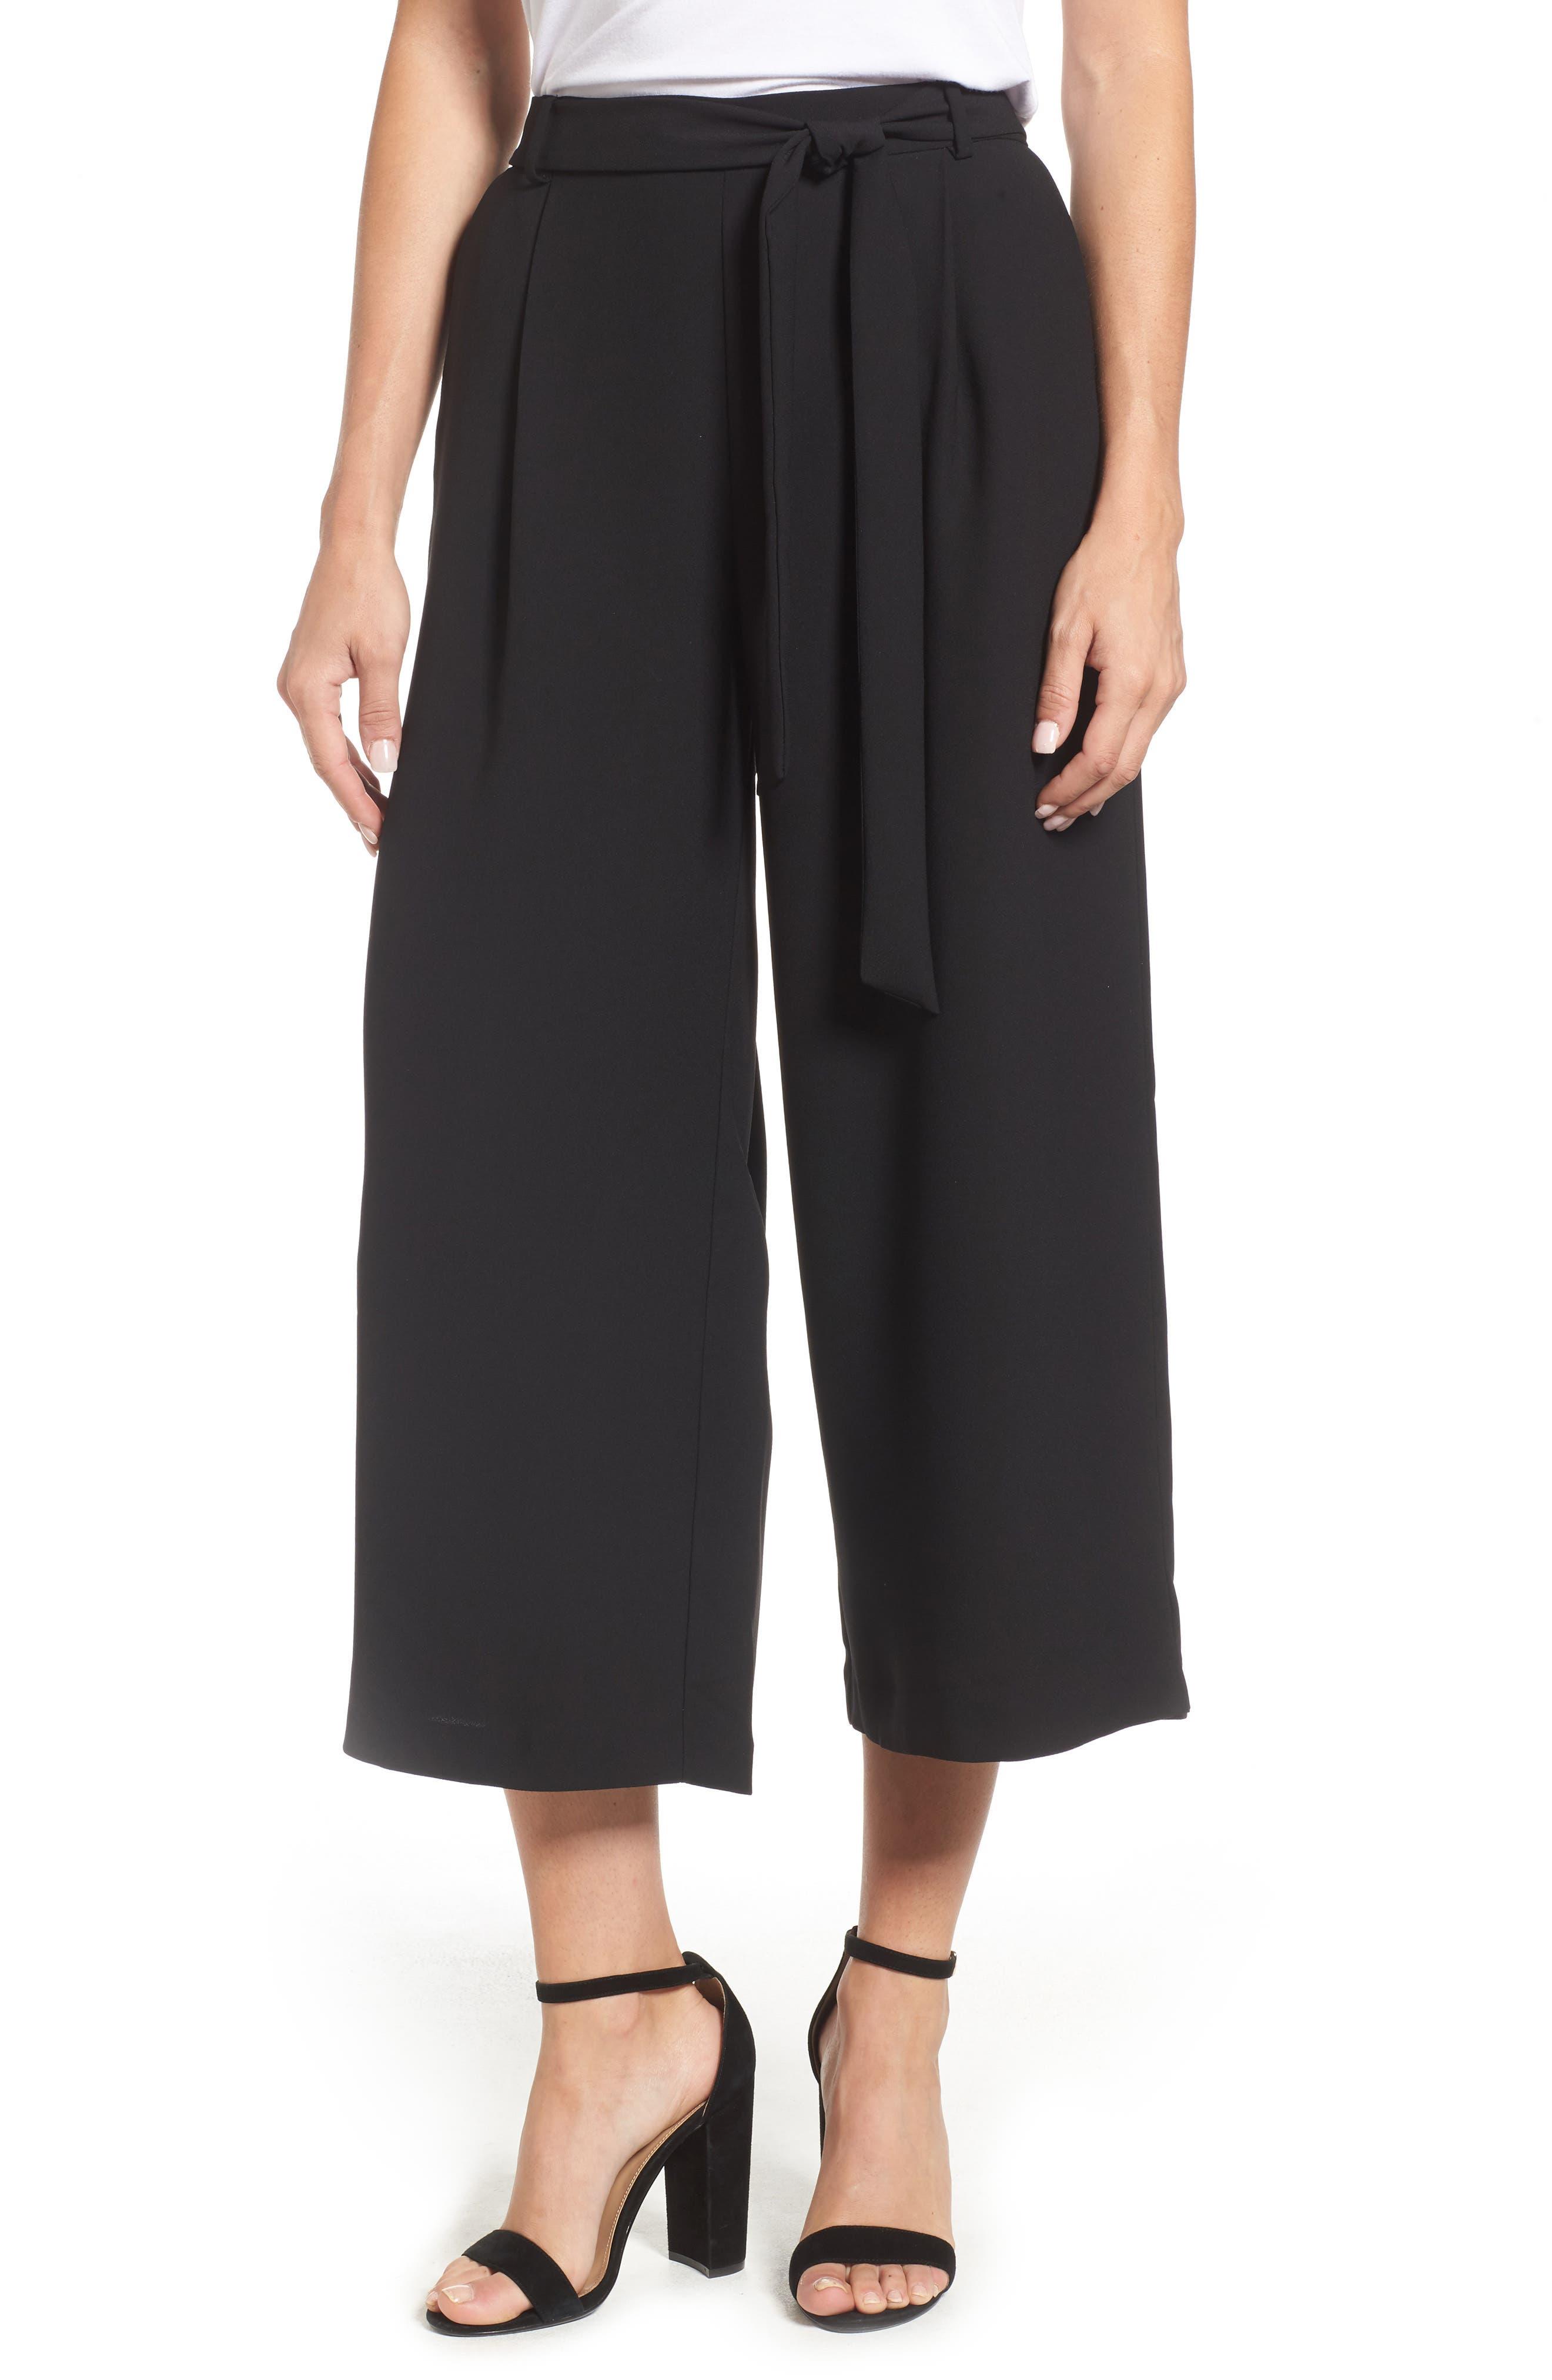 Carver Crop Wide Leg Pants,                         Main,                         color, Black Beauty